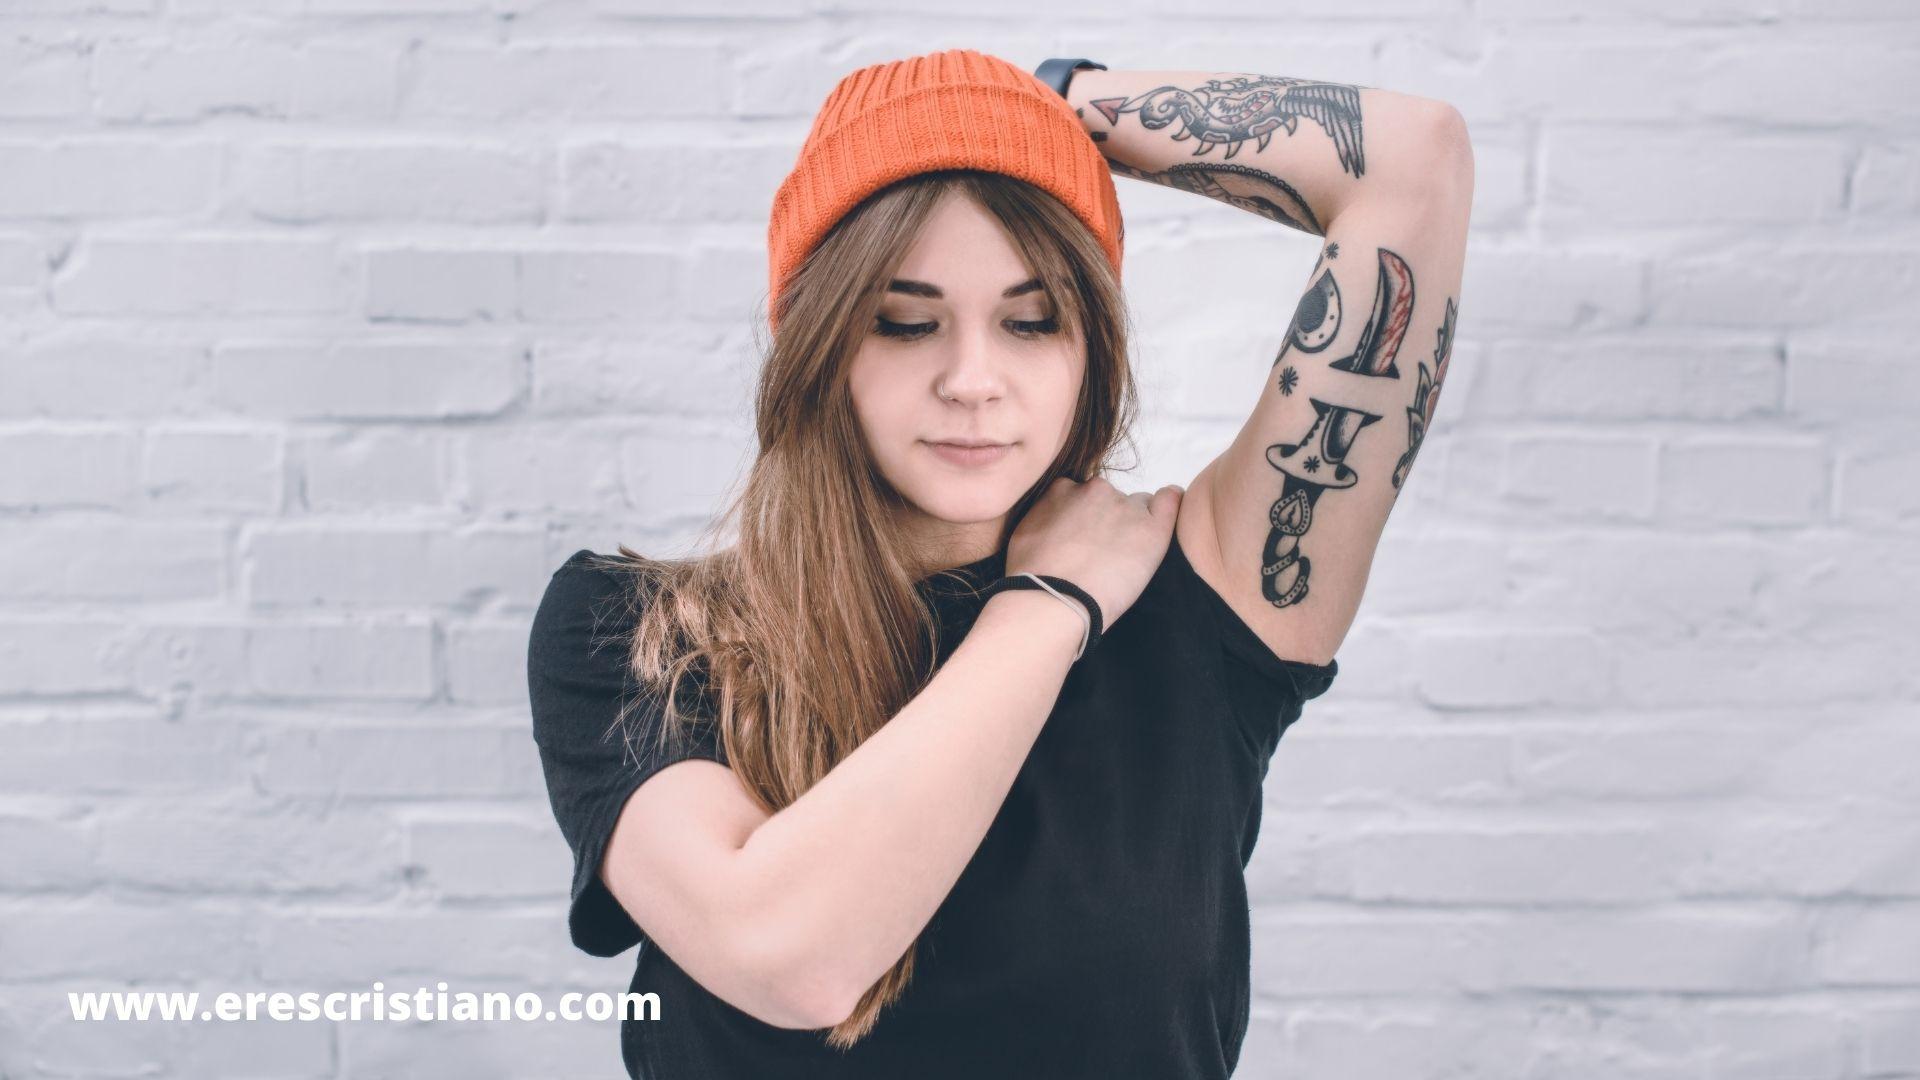 tatuarse no es pecado